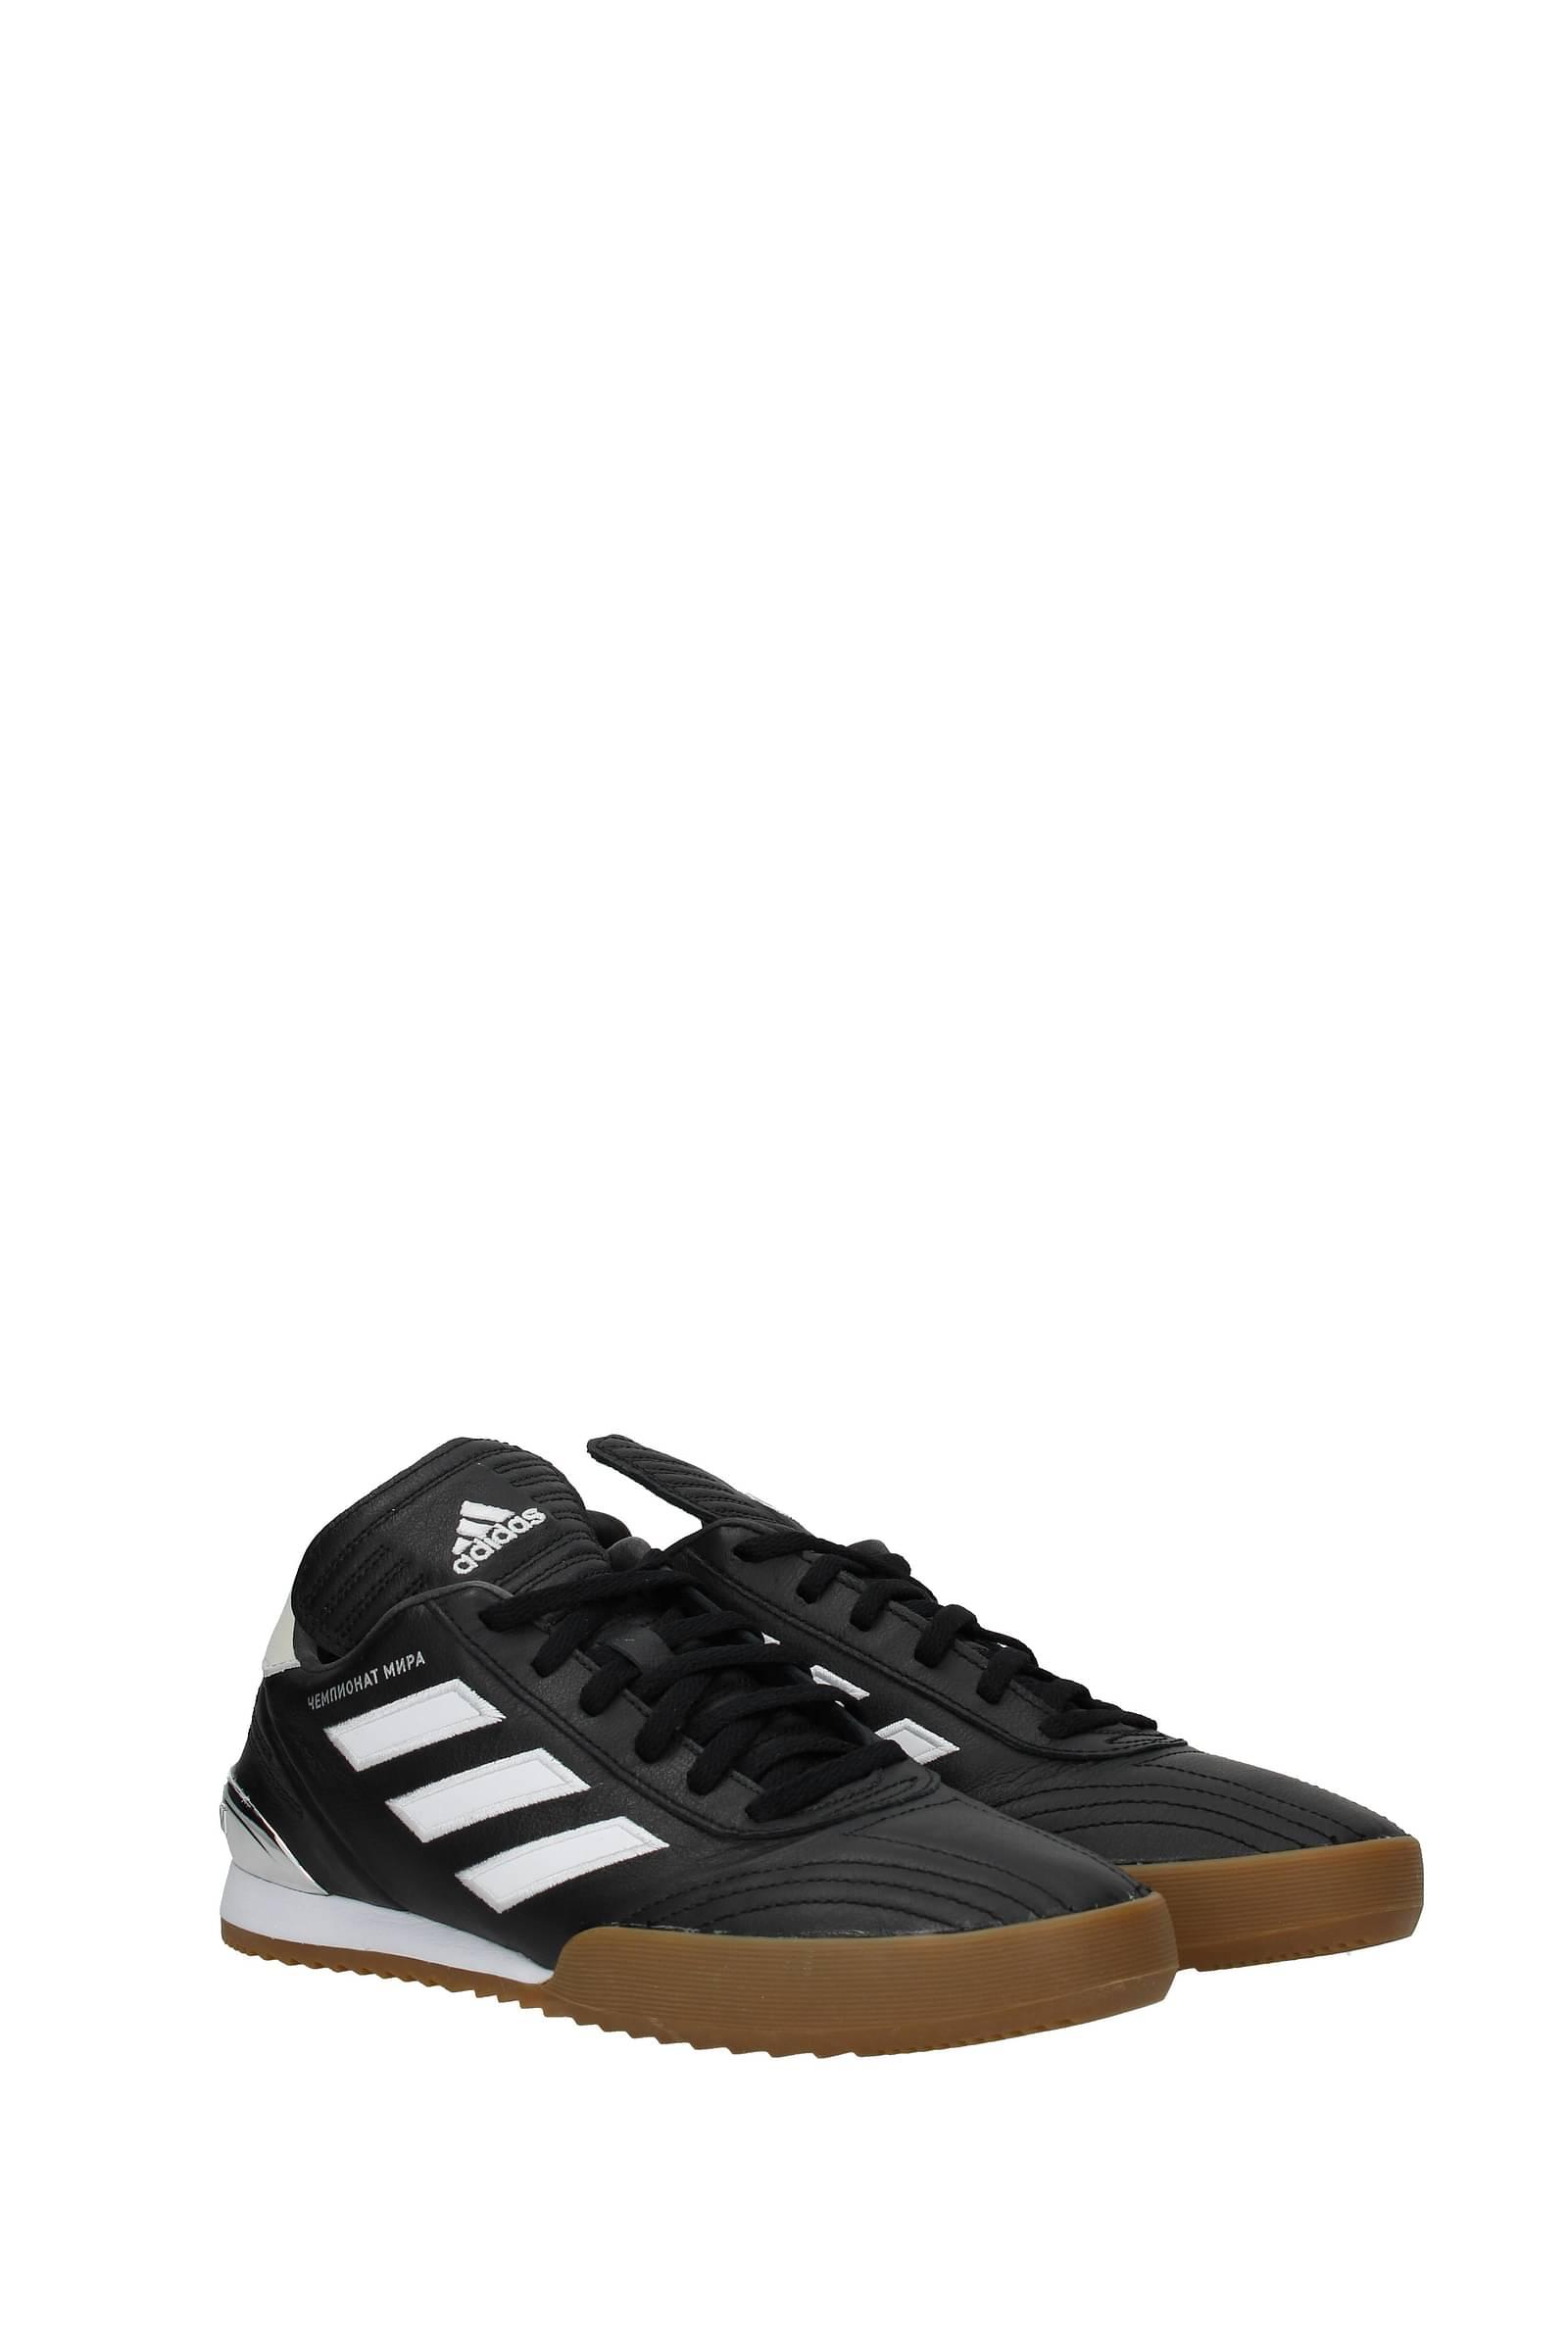 Adidas Sneakers gosha rubchinskiy Homme Cuir Noir